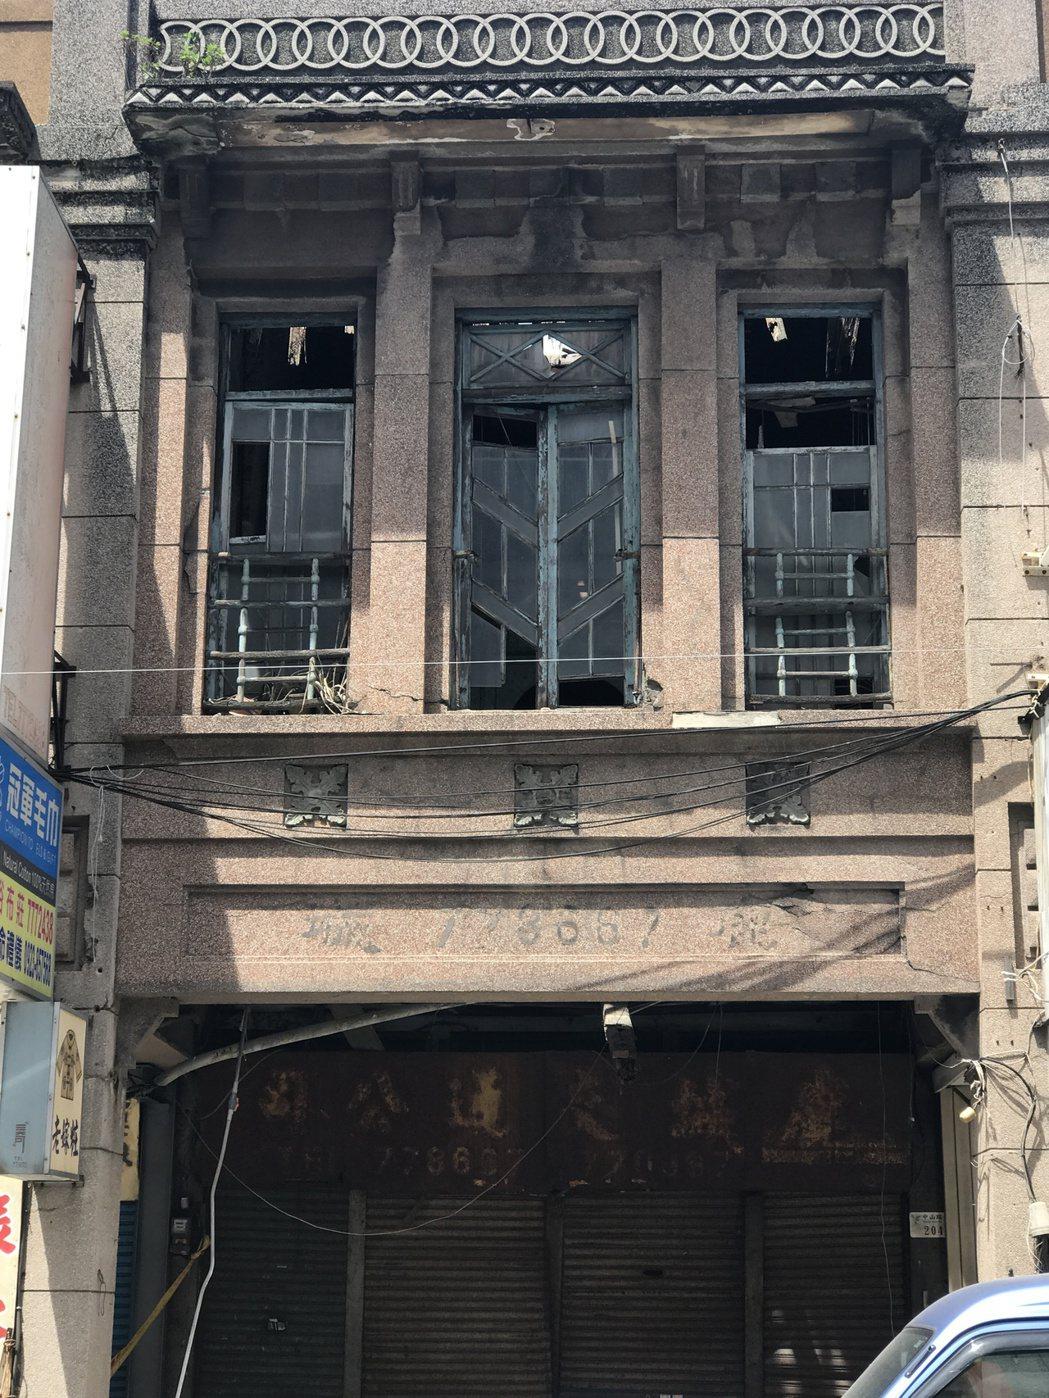 鹿港鎮老屋德成堂上周因連日豪雨樓板傾塌,文化局已啟動暫定古蹟程序,希望搶救這幢美...